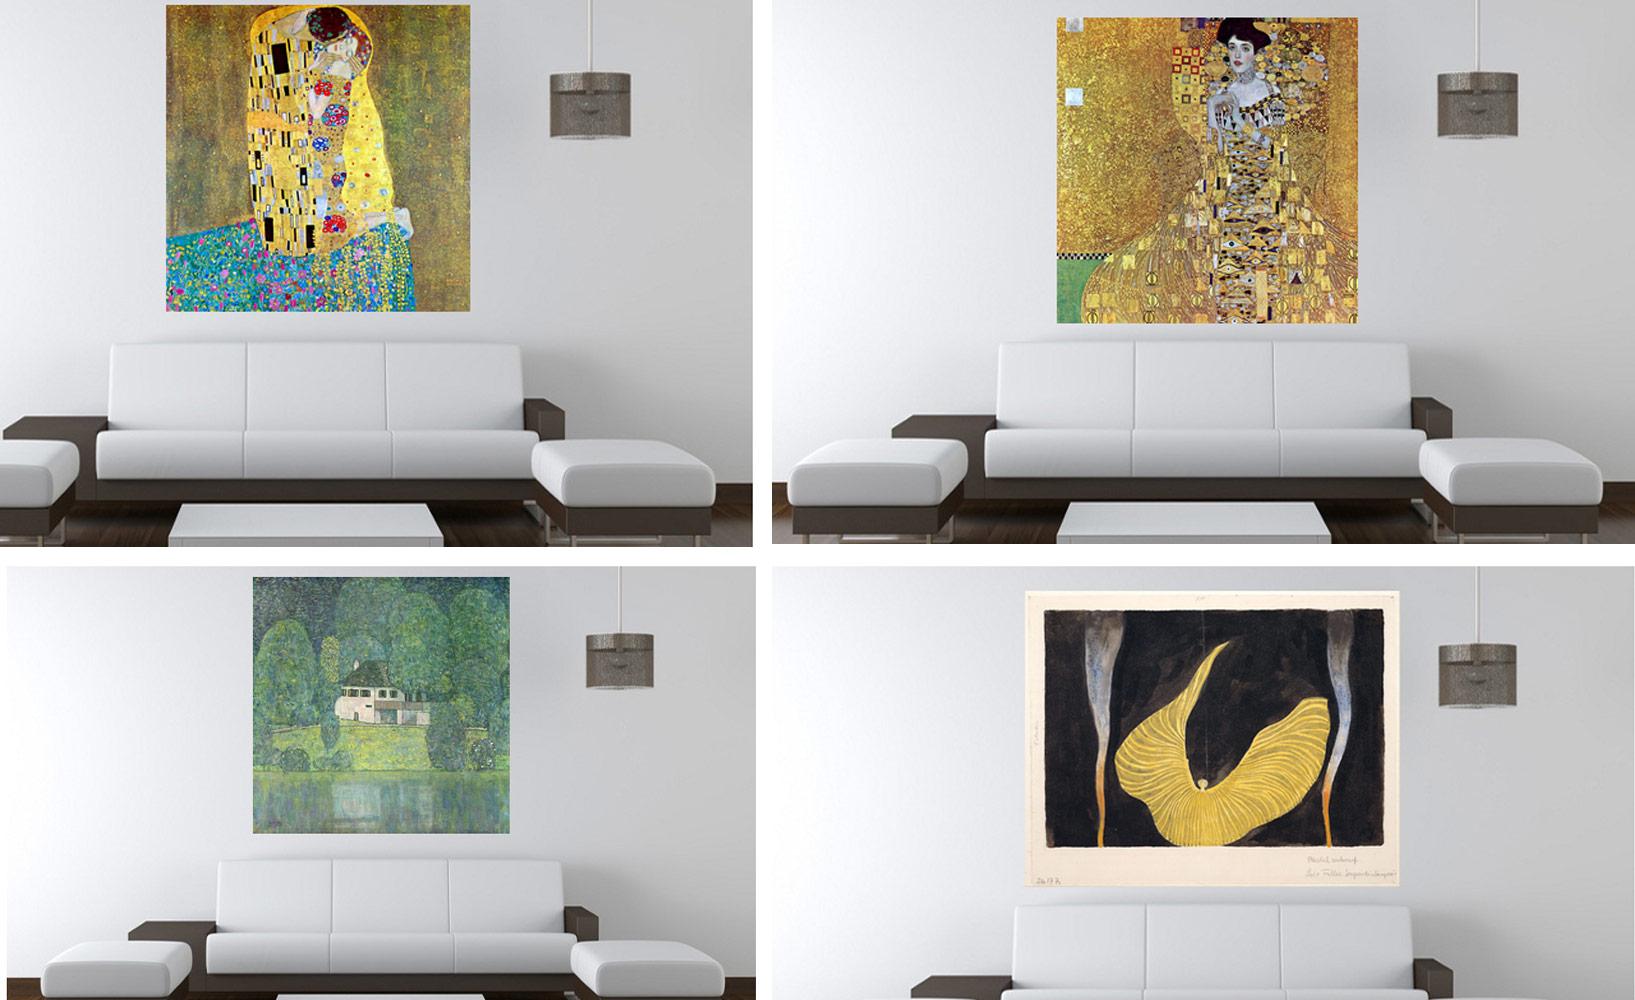 Kunst bilder in die wohnung integrieren for Wandbilder wohnung